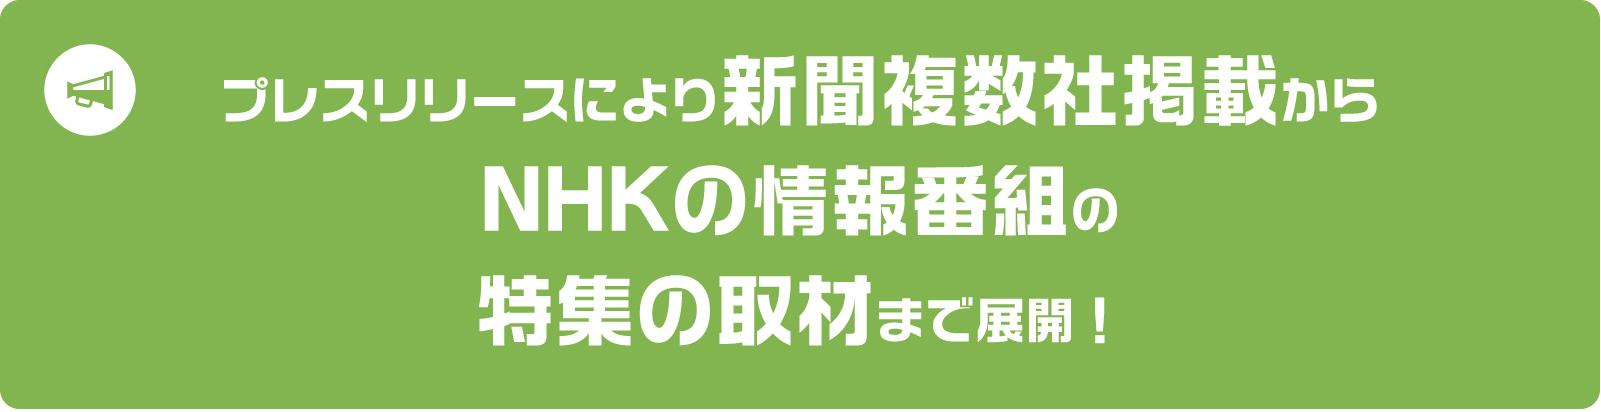 プレスリリースにより新聞複数社掲載からNHKの情報番組の特集の取材まで展開!